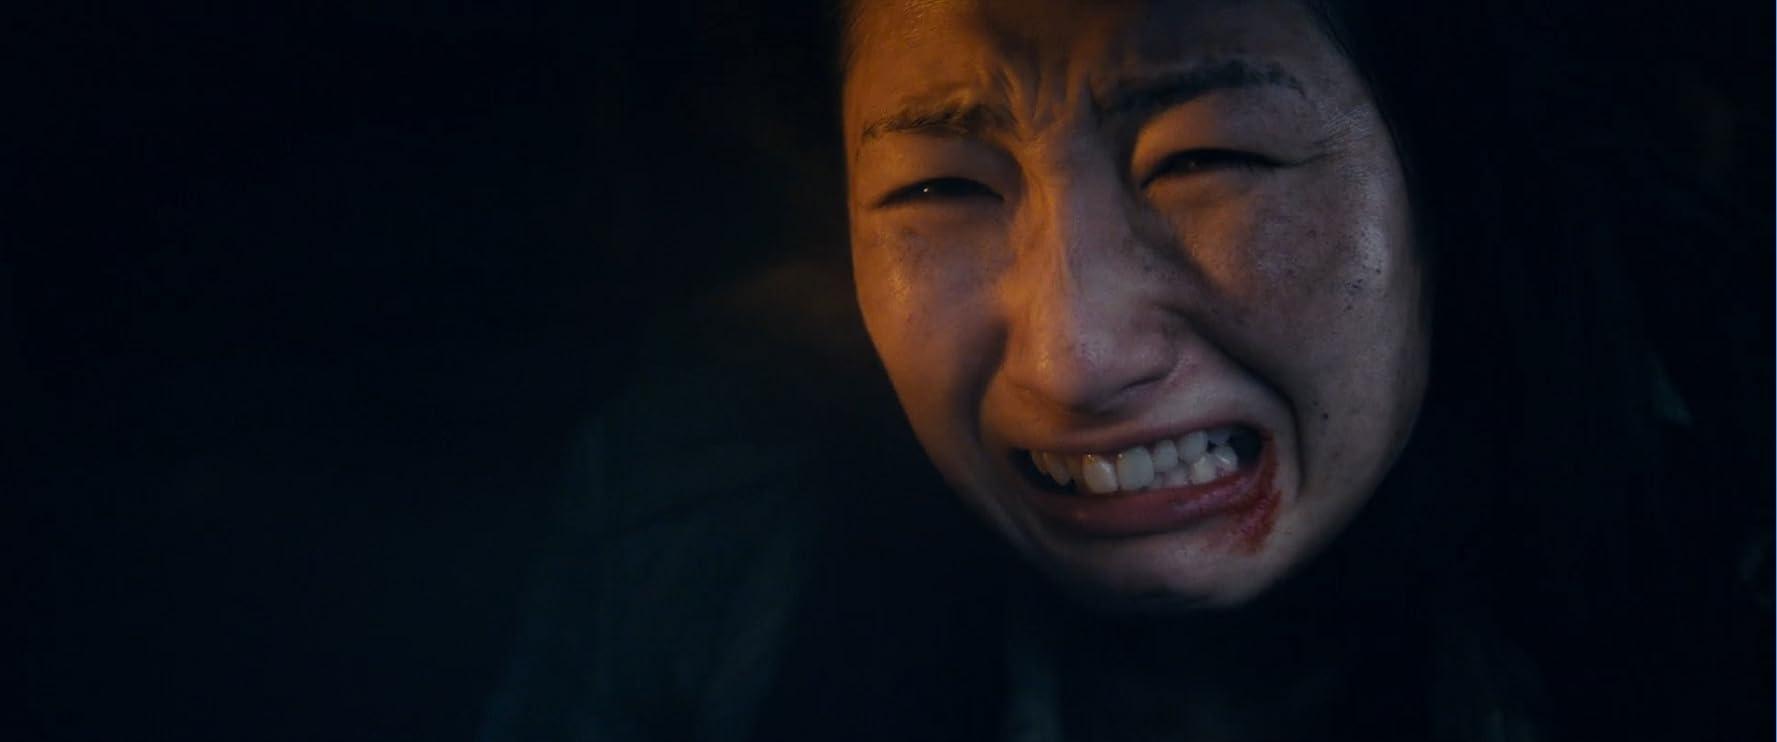 Rina Takeda in Shingeki no kyojin (2015)